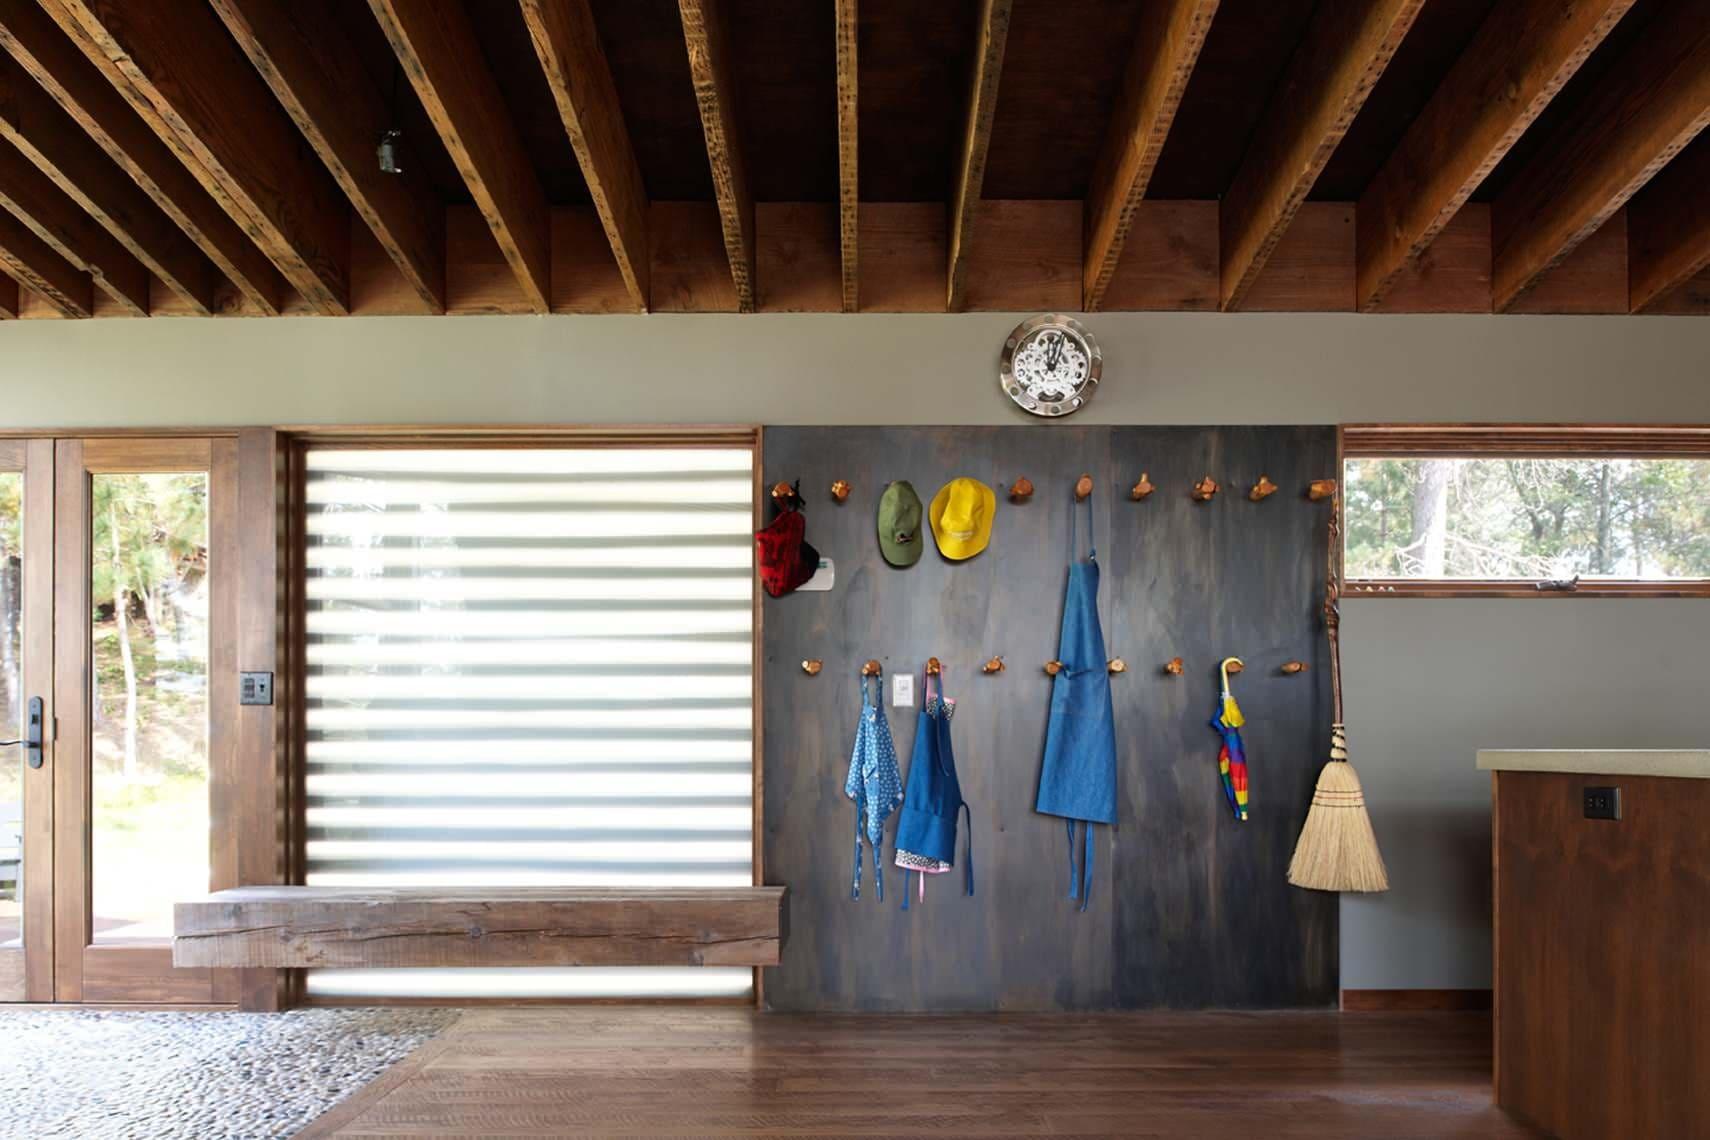 Варианты интерьера в прихожей - камень, ламинат, плитка, фреска 200